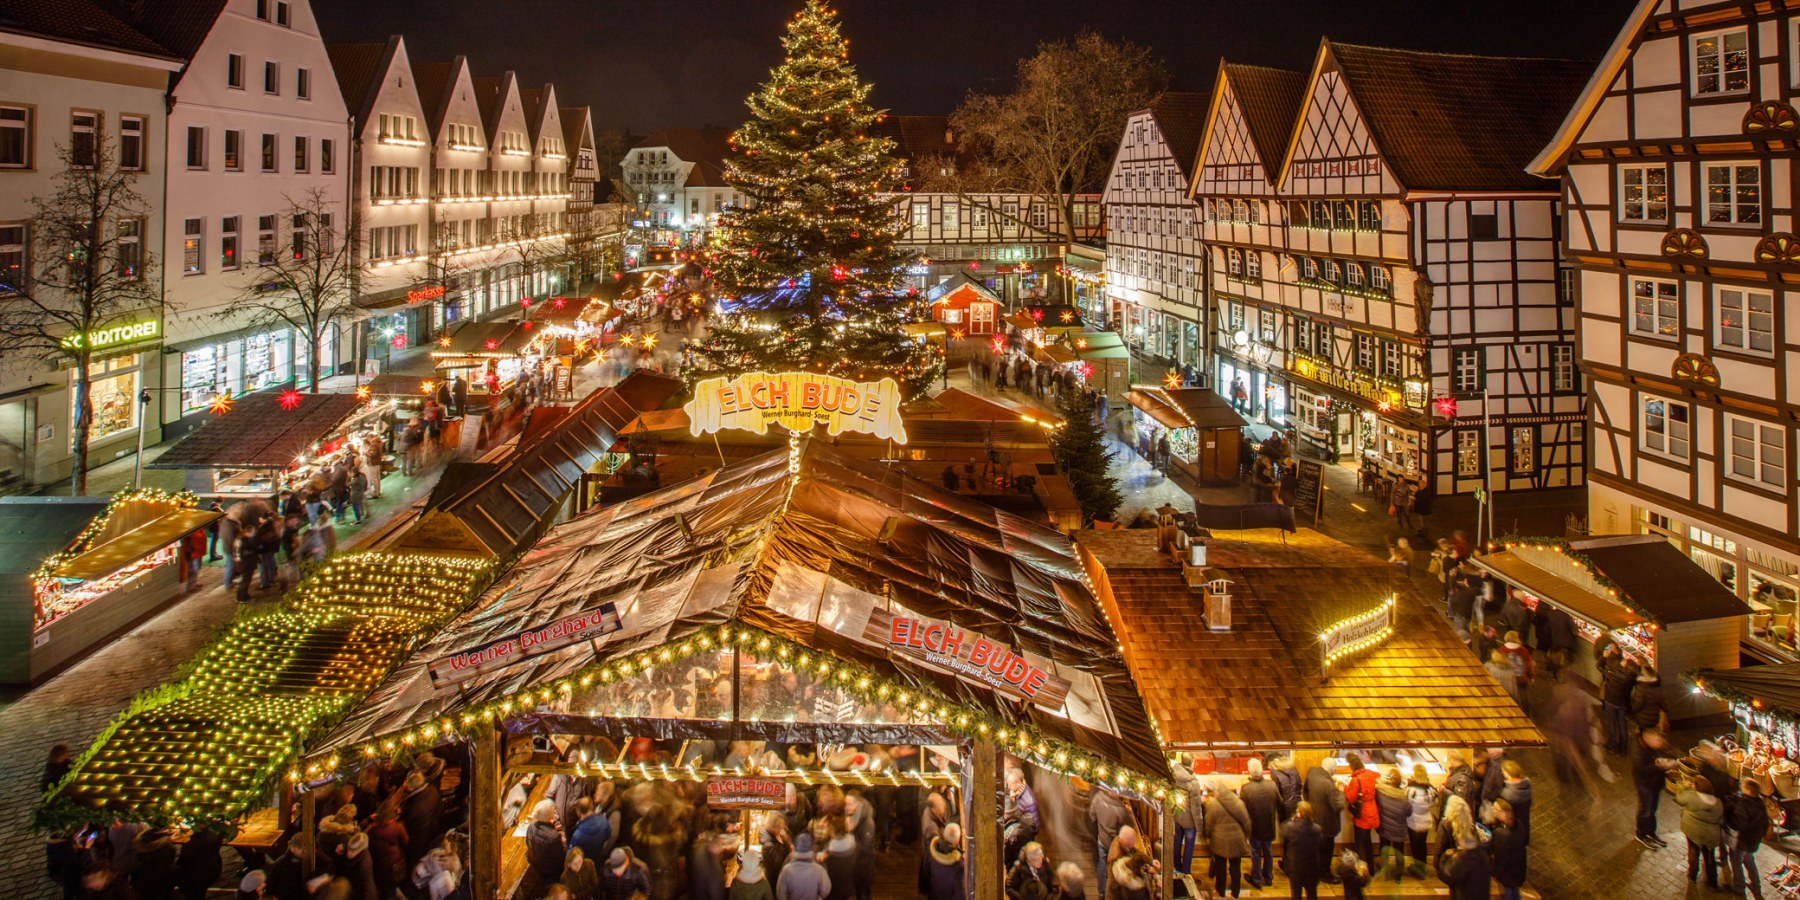 Weihnachtsmarkt Heiligabend.Zum Jahresende Präsentiert Sich Die Historische Soester Altstadt Im